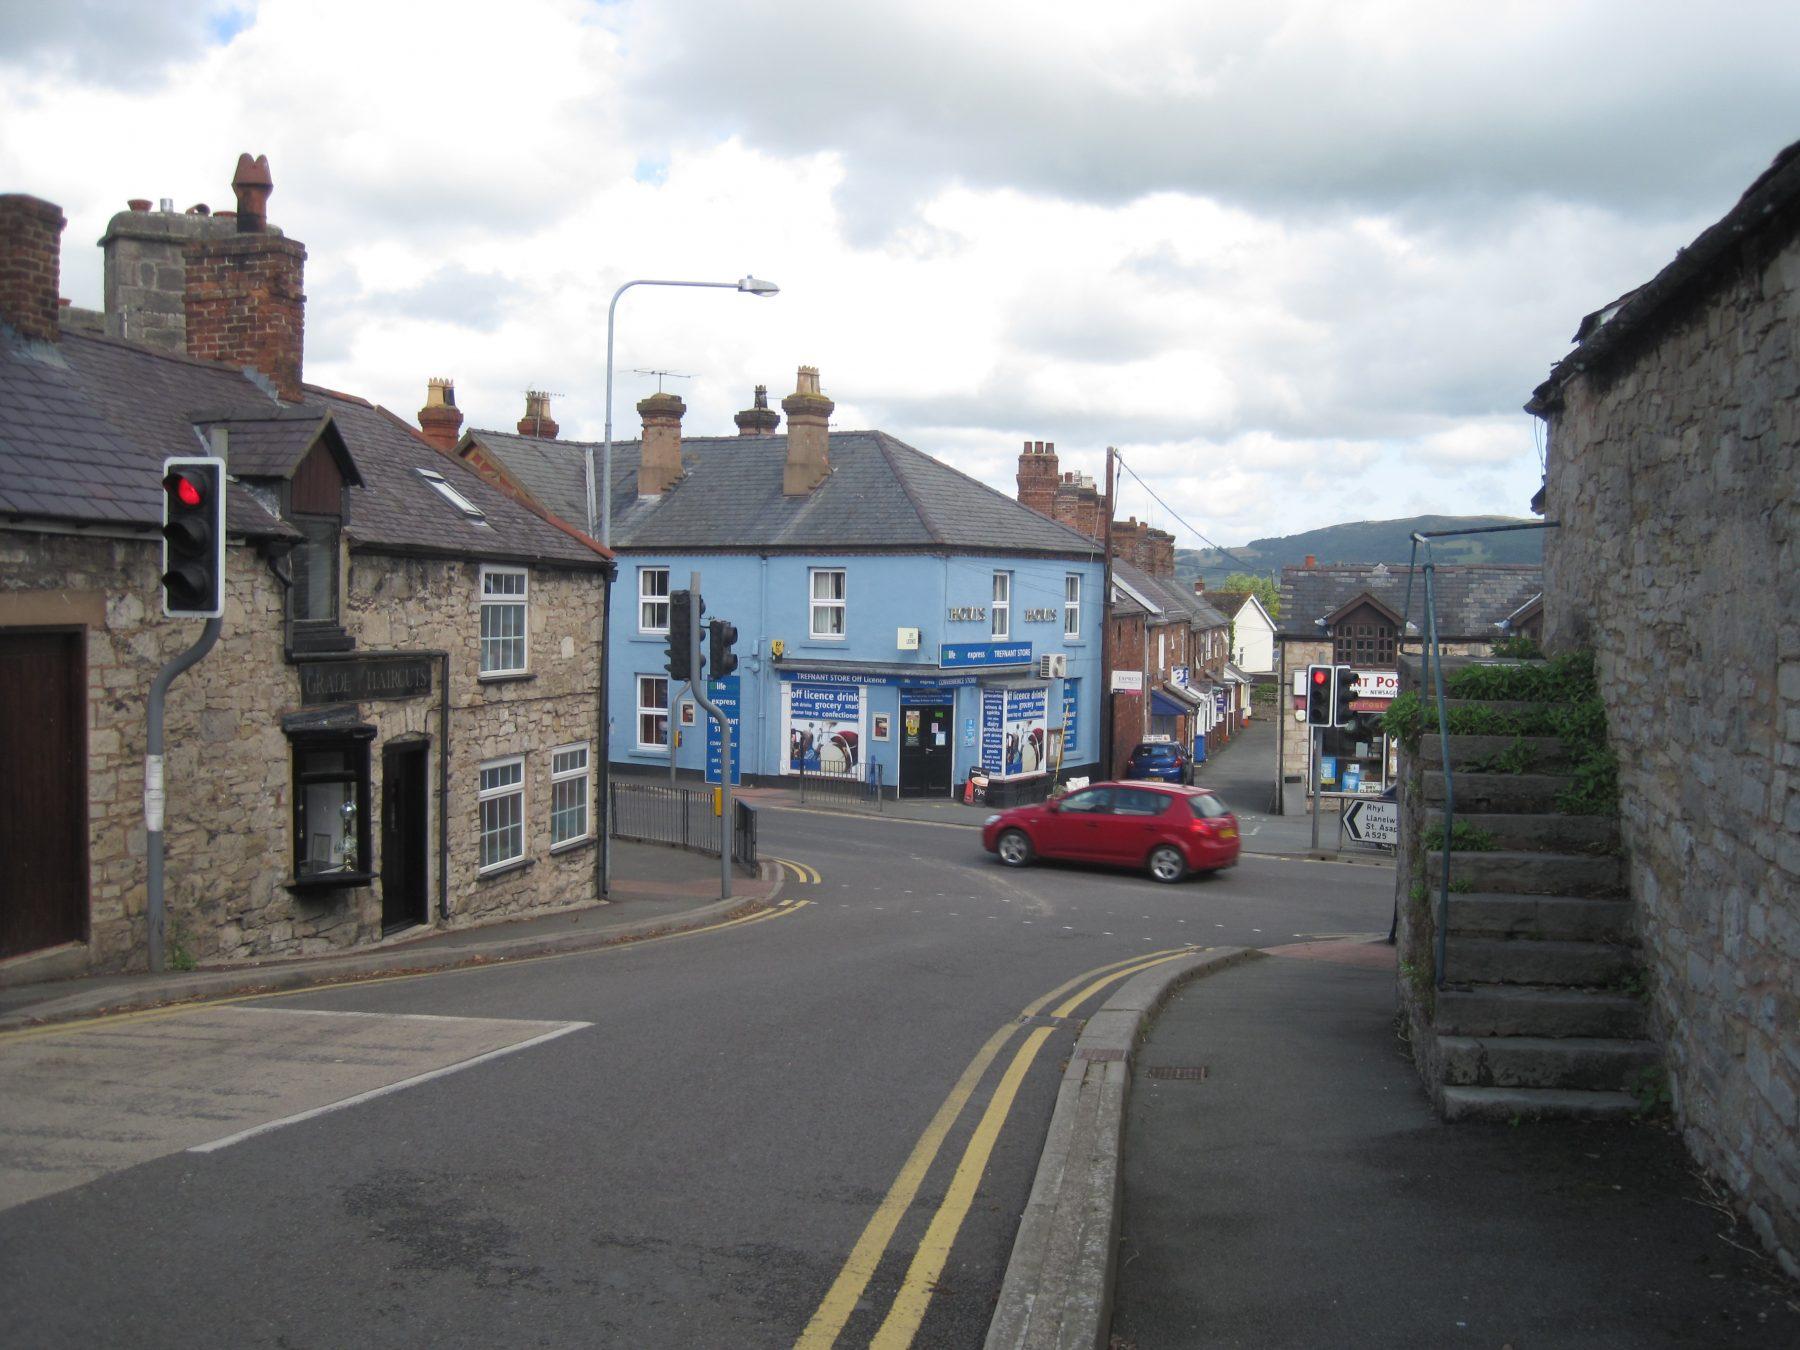 Henllan Street